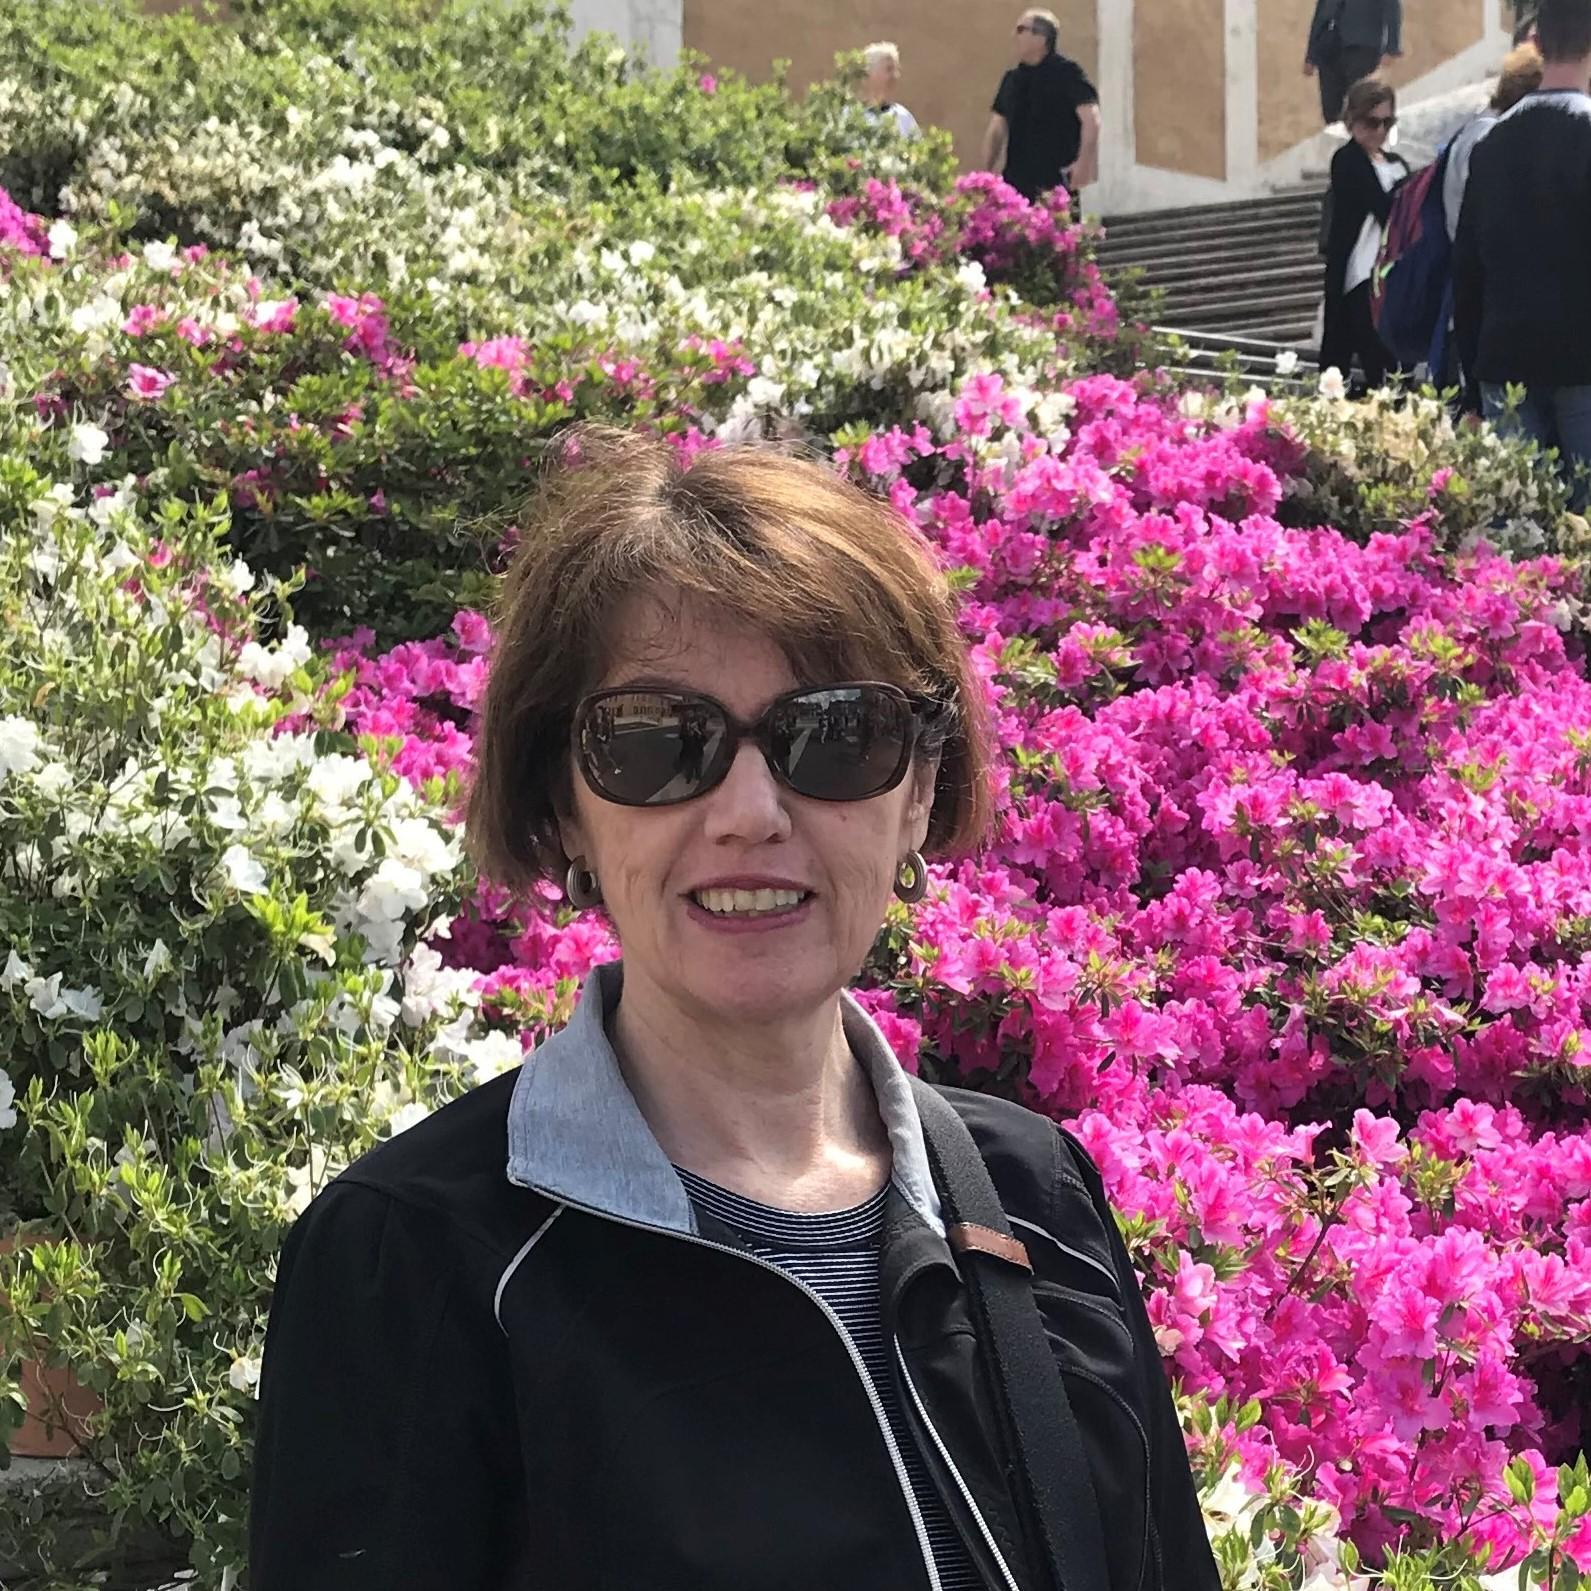 Karen Rybak